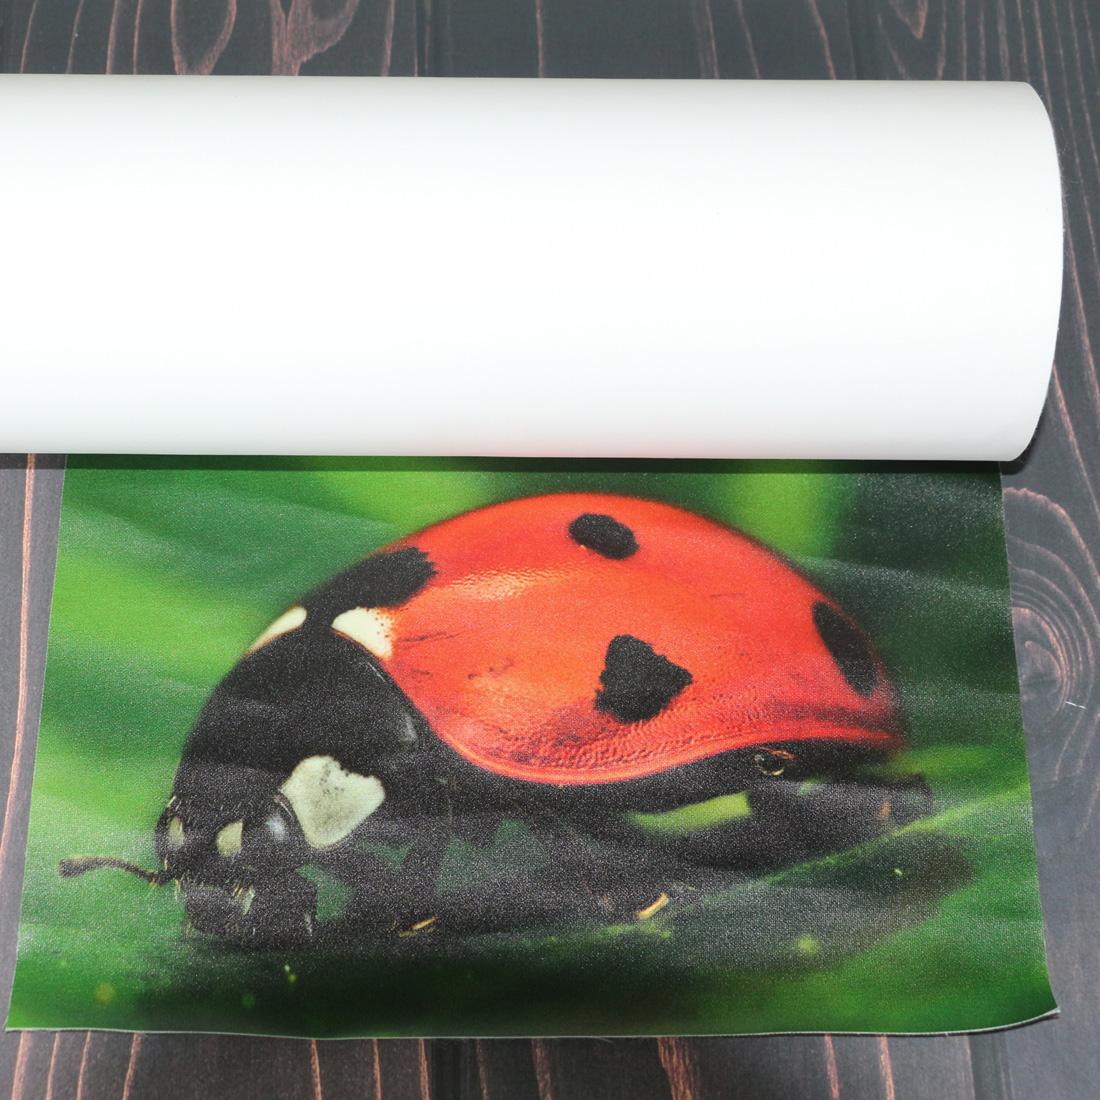 geniş format su geçirmez 220mic yumuşak dijital baskı aydınlatmalı esnek polyester kumaş ışık kutusu